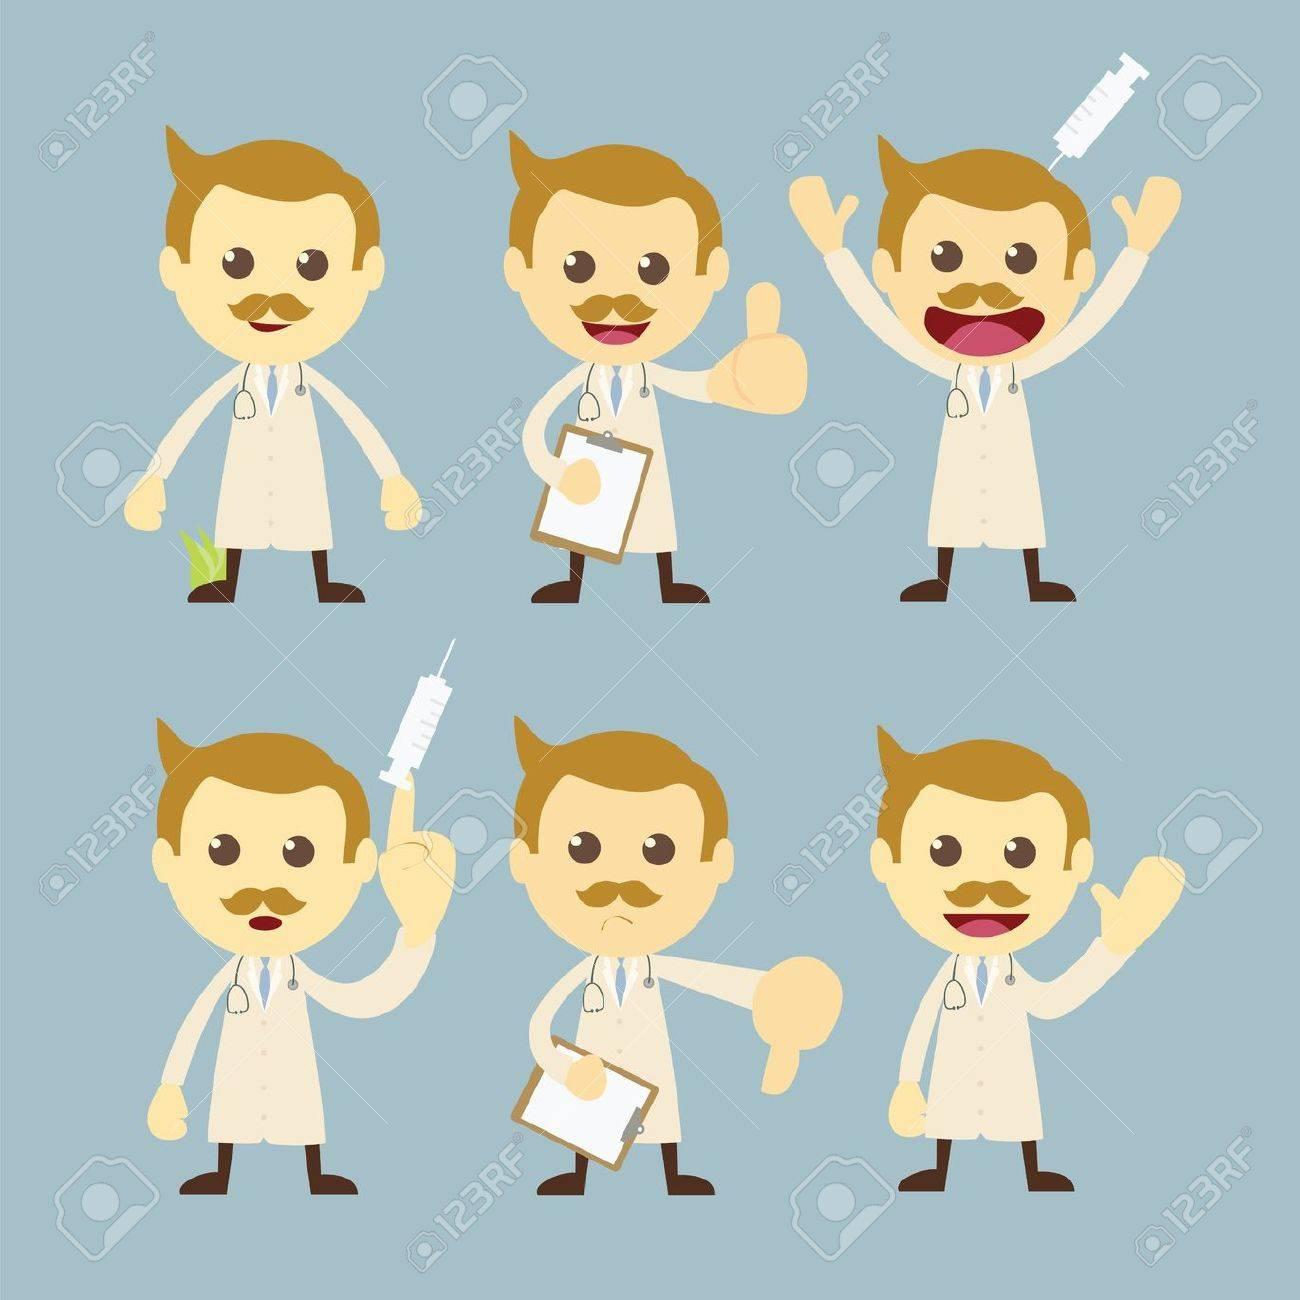 doctor character set cartoon Stock Vector - 19121093